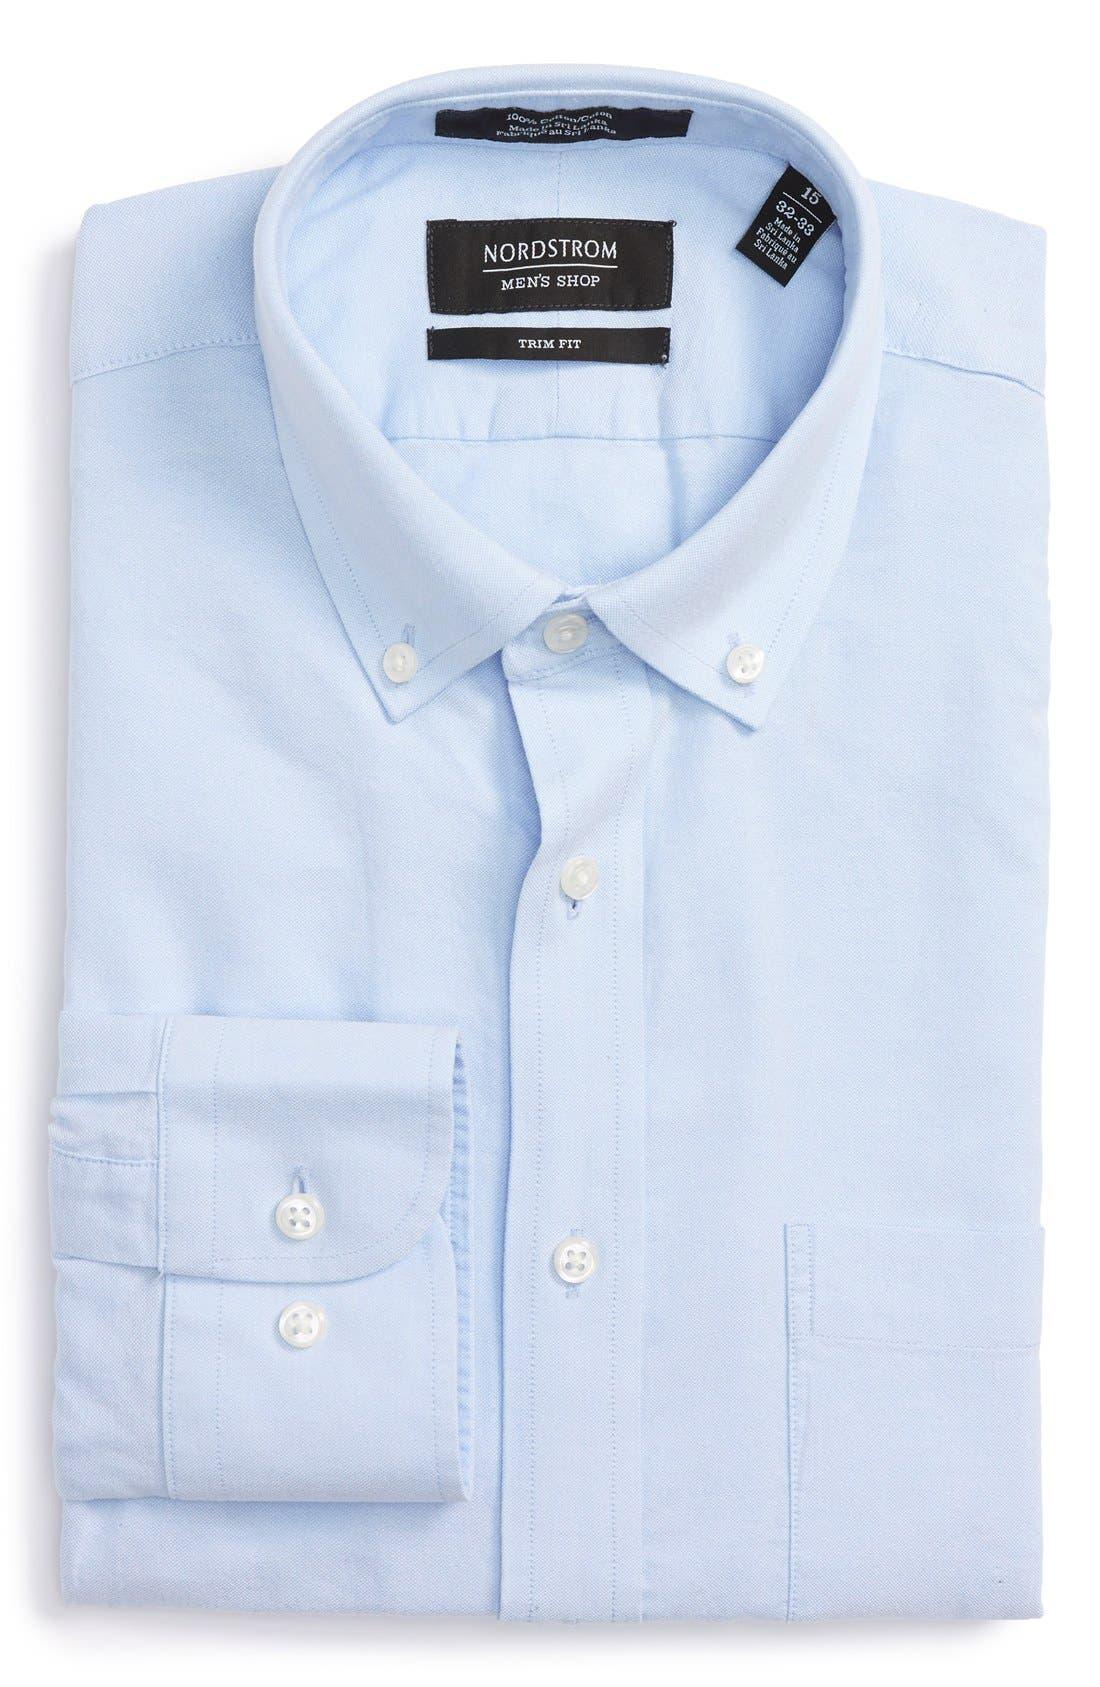 Trim Fit Solid Oxford Dress Shirt,                         Main,                         color, Blue Grapemist